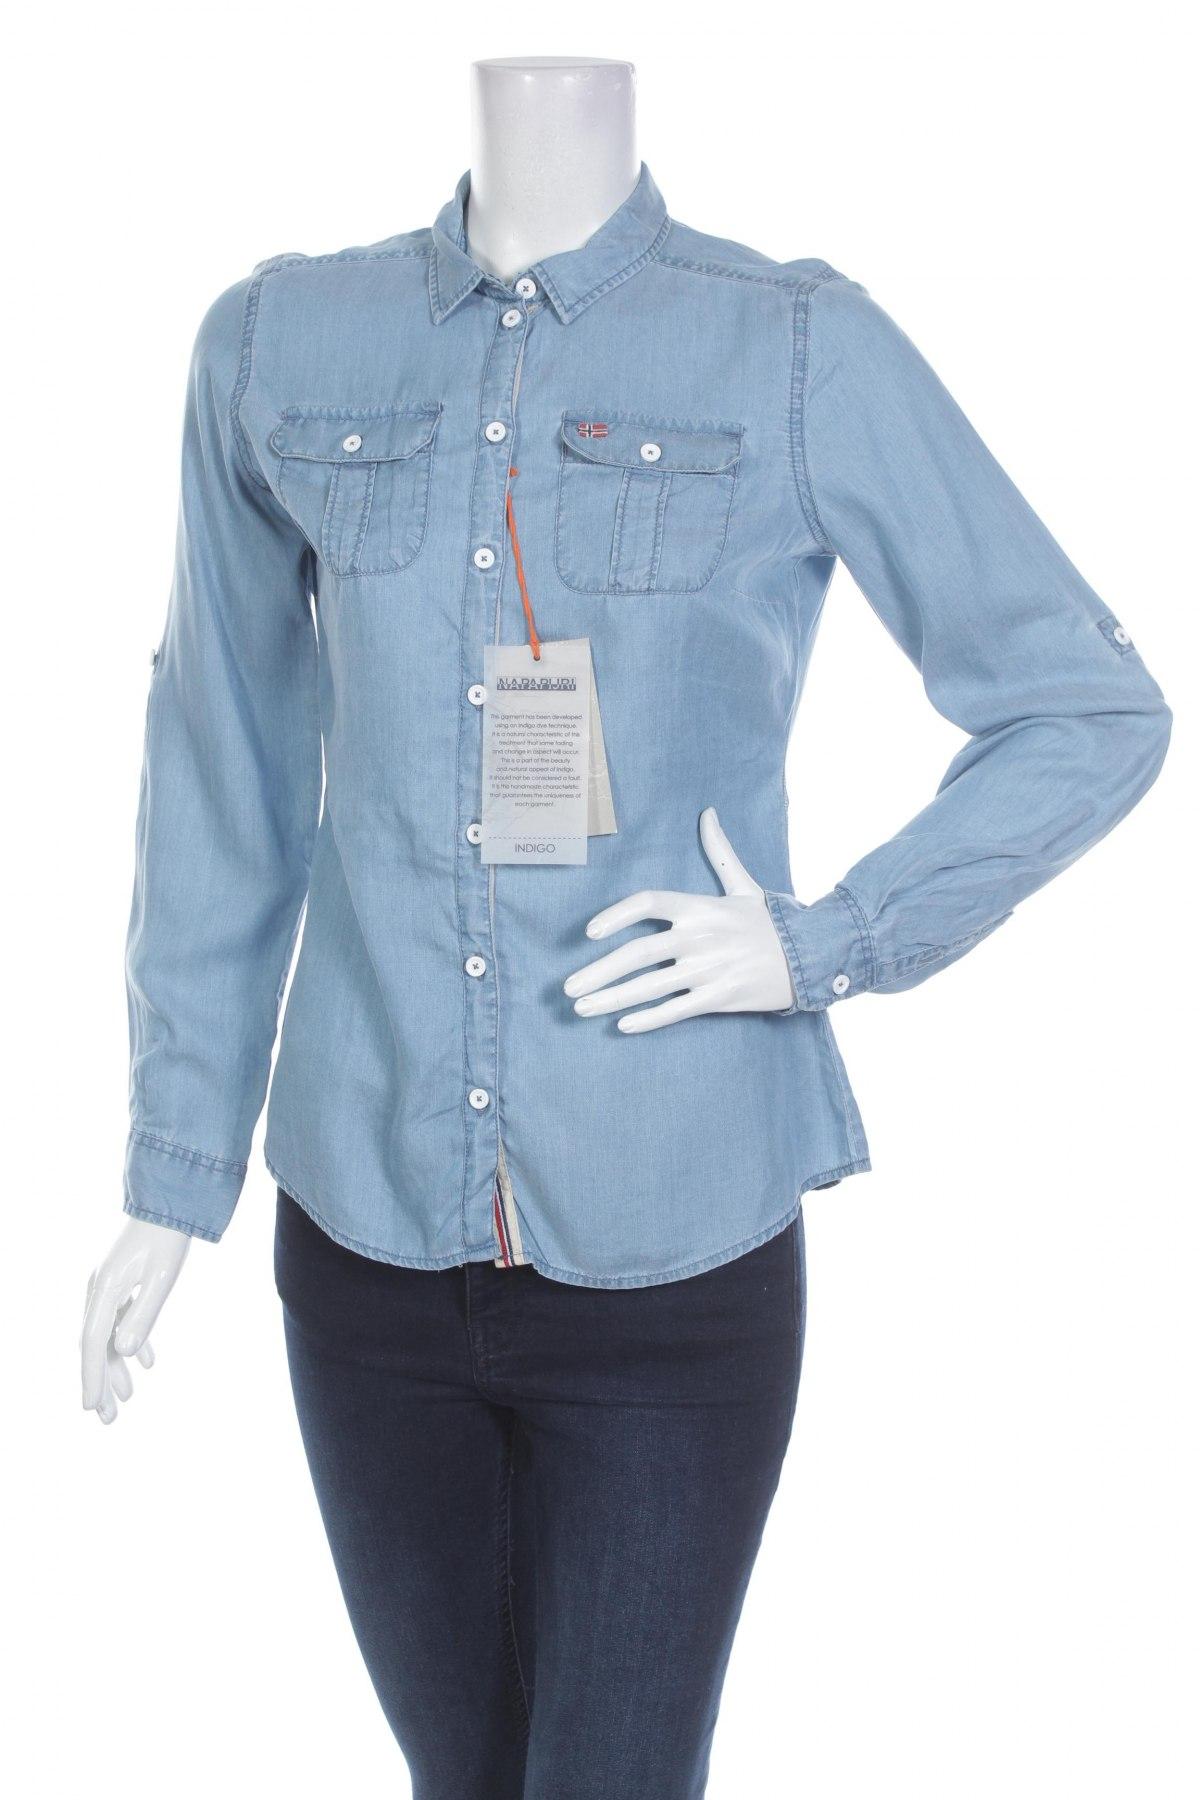 b951a5c1fd4b Dámska košeľa Napapijri - za výhodné ceny na Remix -  103358767